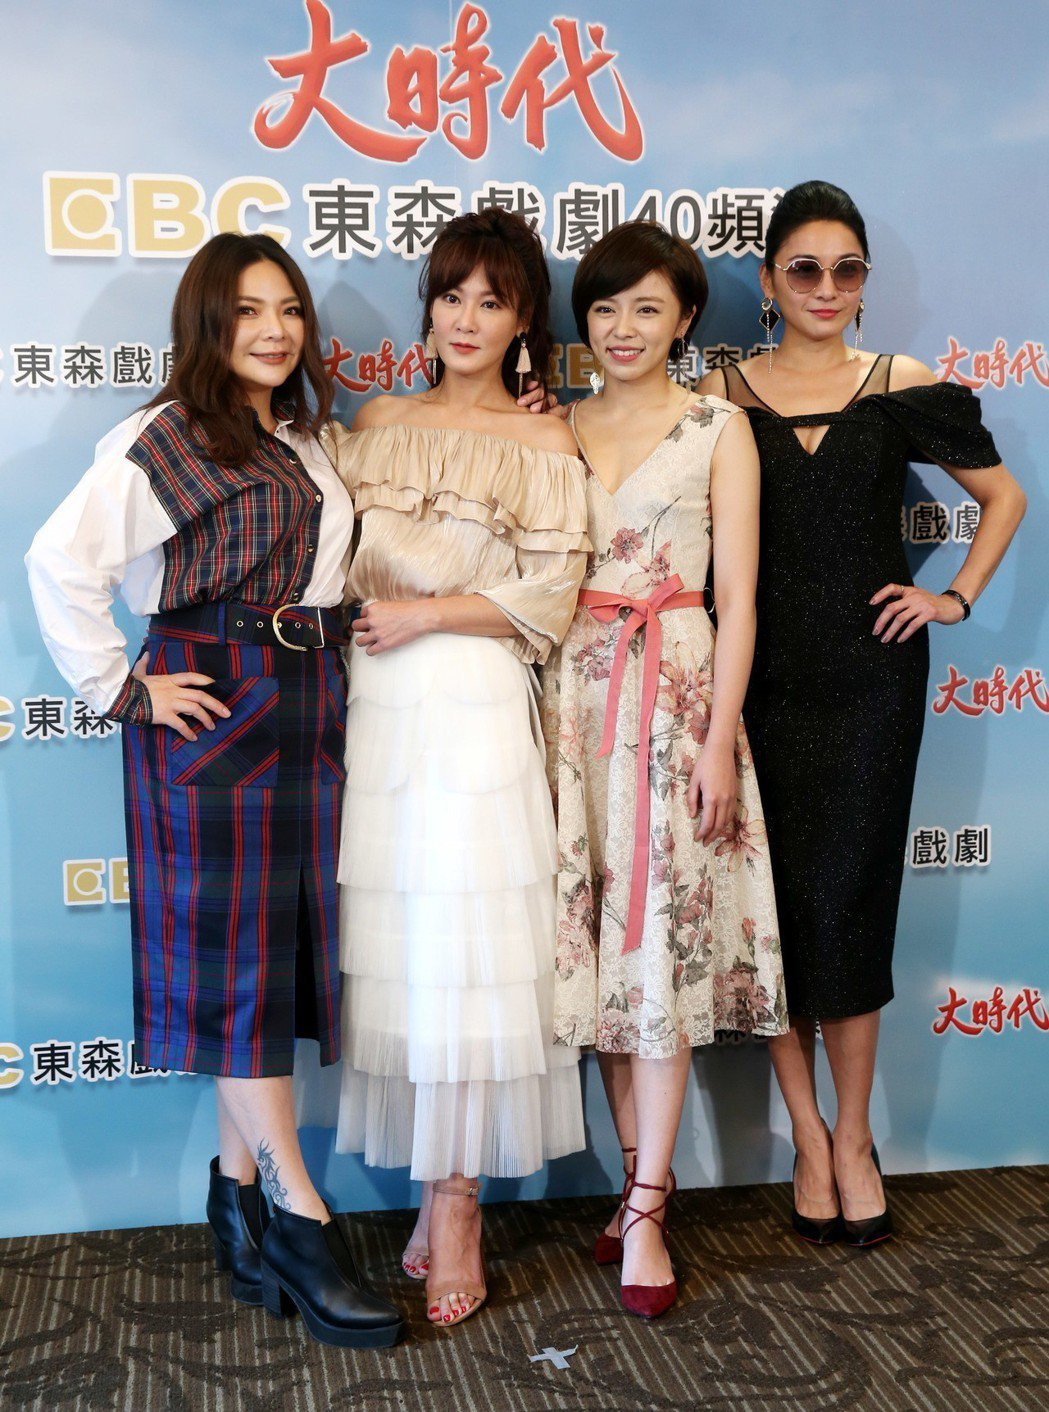 邱琦雯(左二)、王瞳(左三)曾同台一起宣傳戲劇。記者邱德祥/攝影